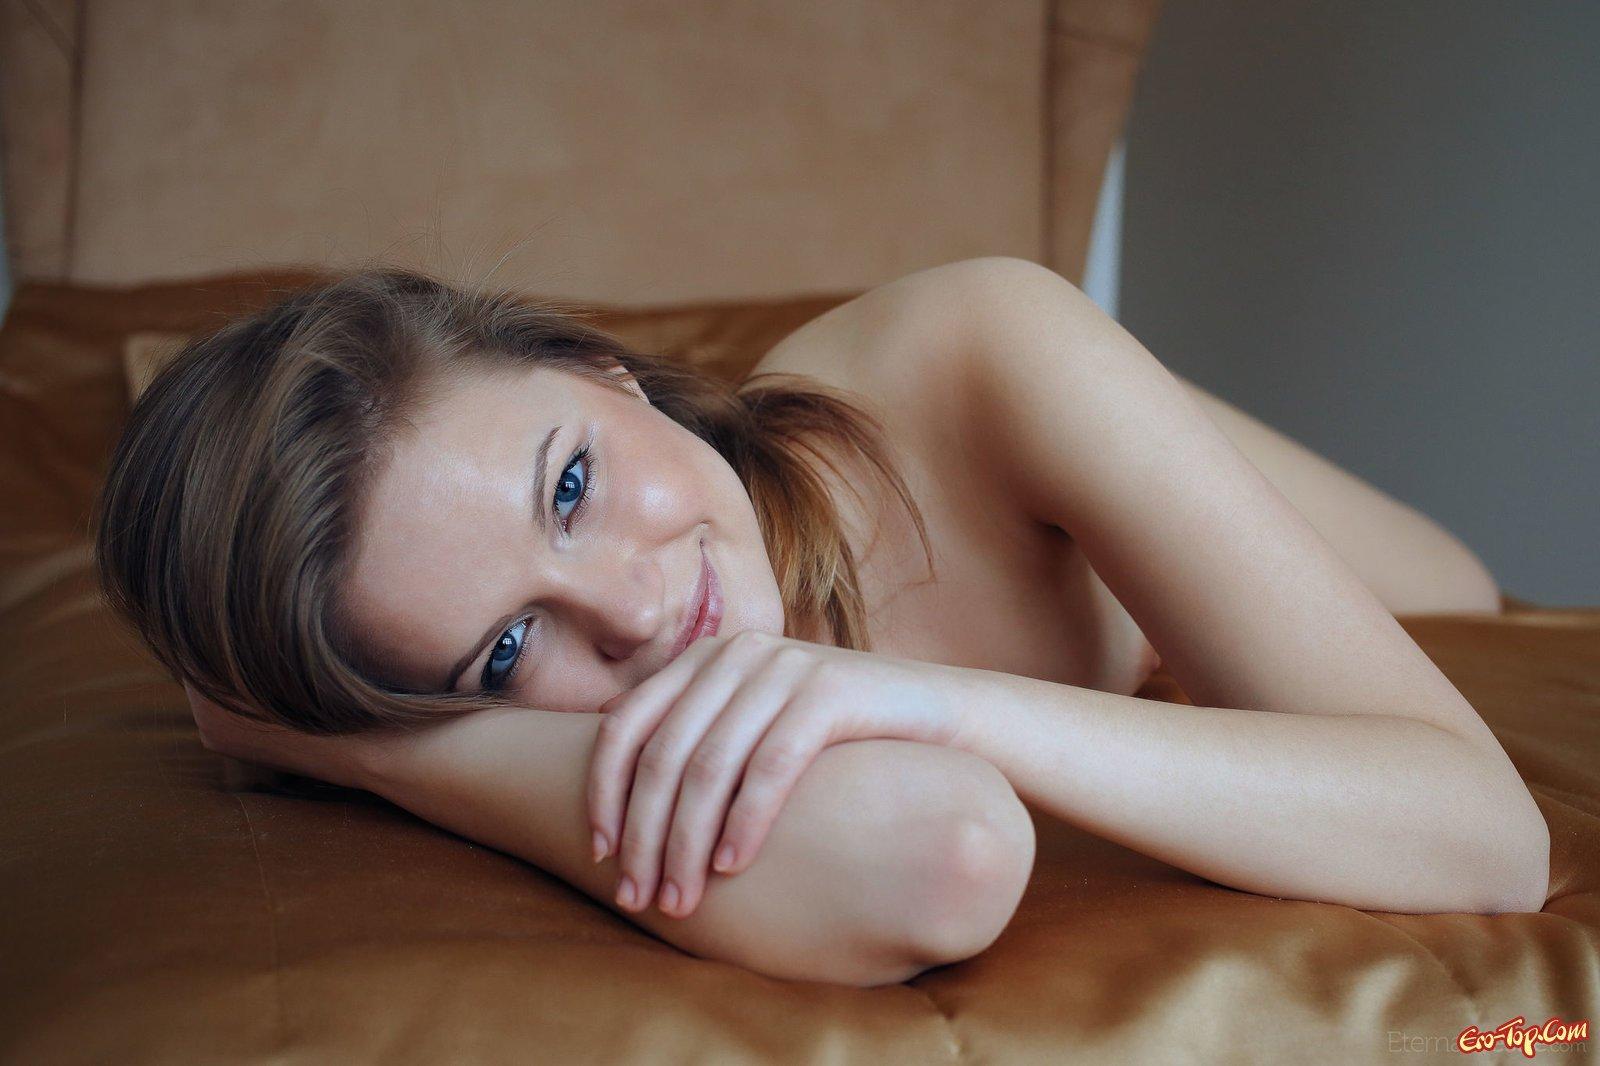 Симпатичная девушка голой позирует в постели